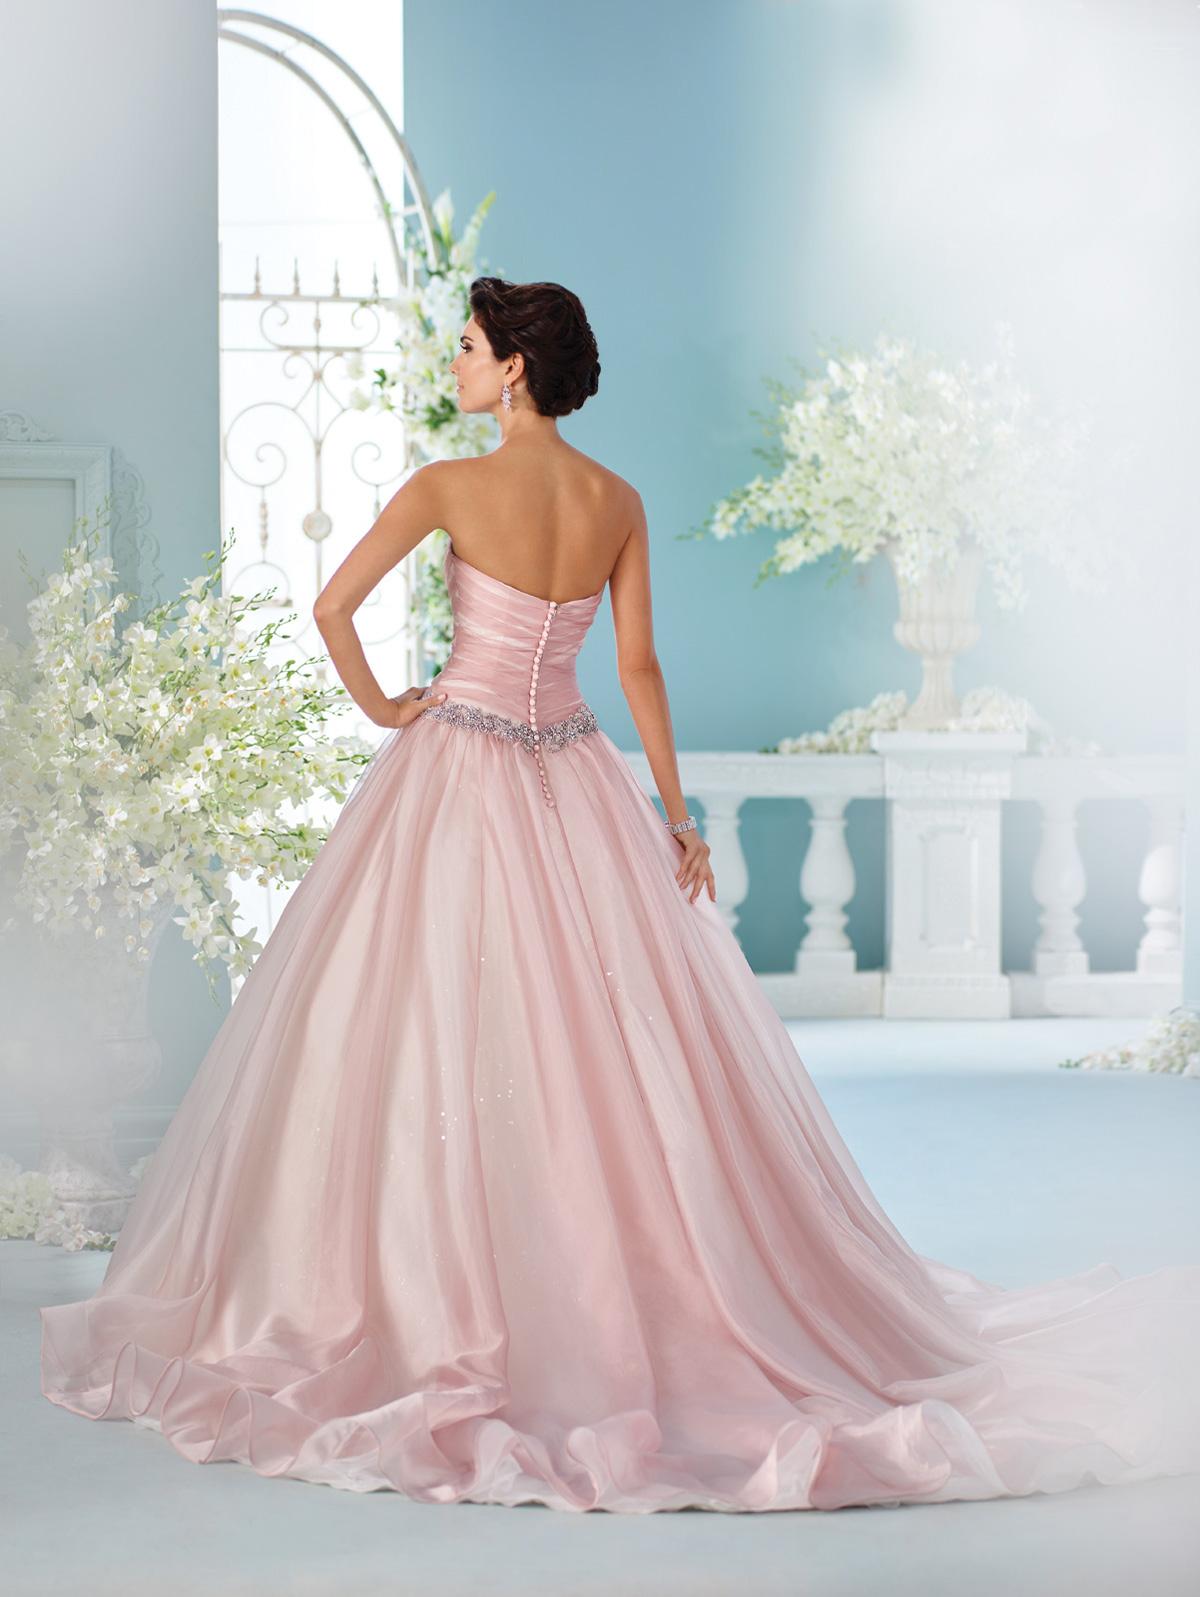 Vestido de Noiva tomara que caia princesa com corpo acinturado todo drapeado e detalhe de cinto em cristais, saia franzida com pontos de luz e cauda.